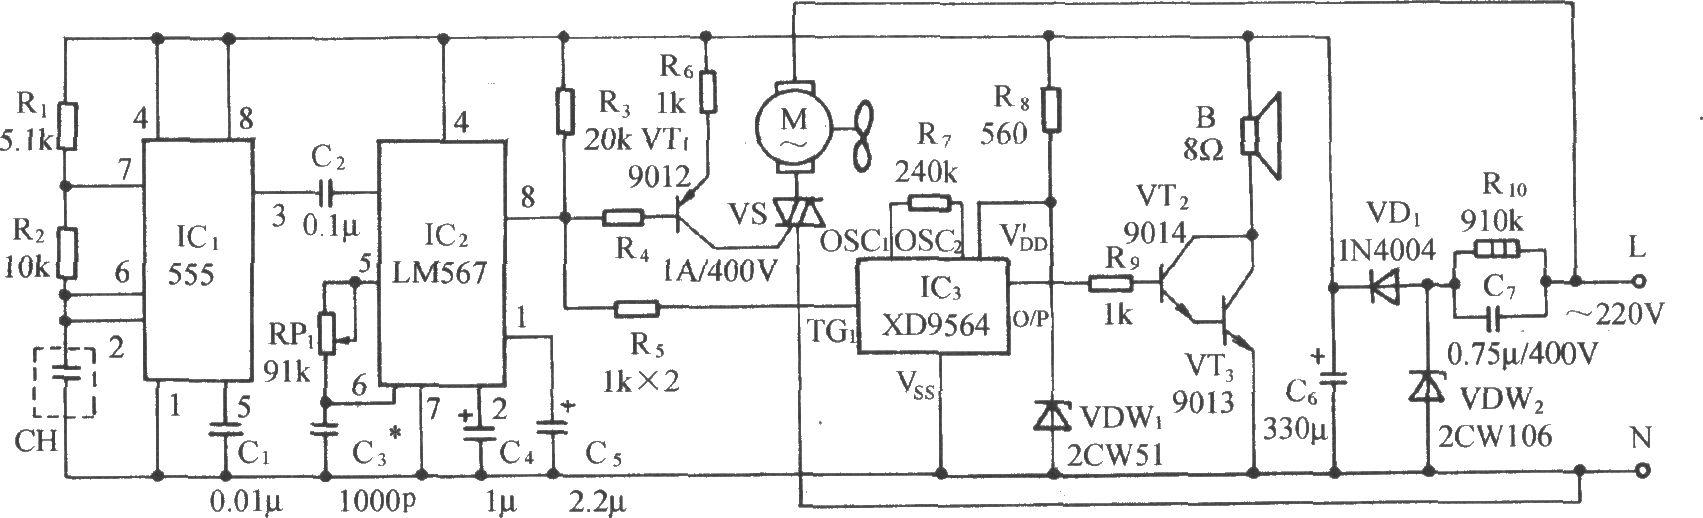 一种湿度/频率-音频译码式湿度检测、自动排气通风伴蛙鸣报叫电